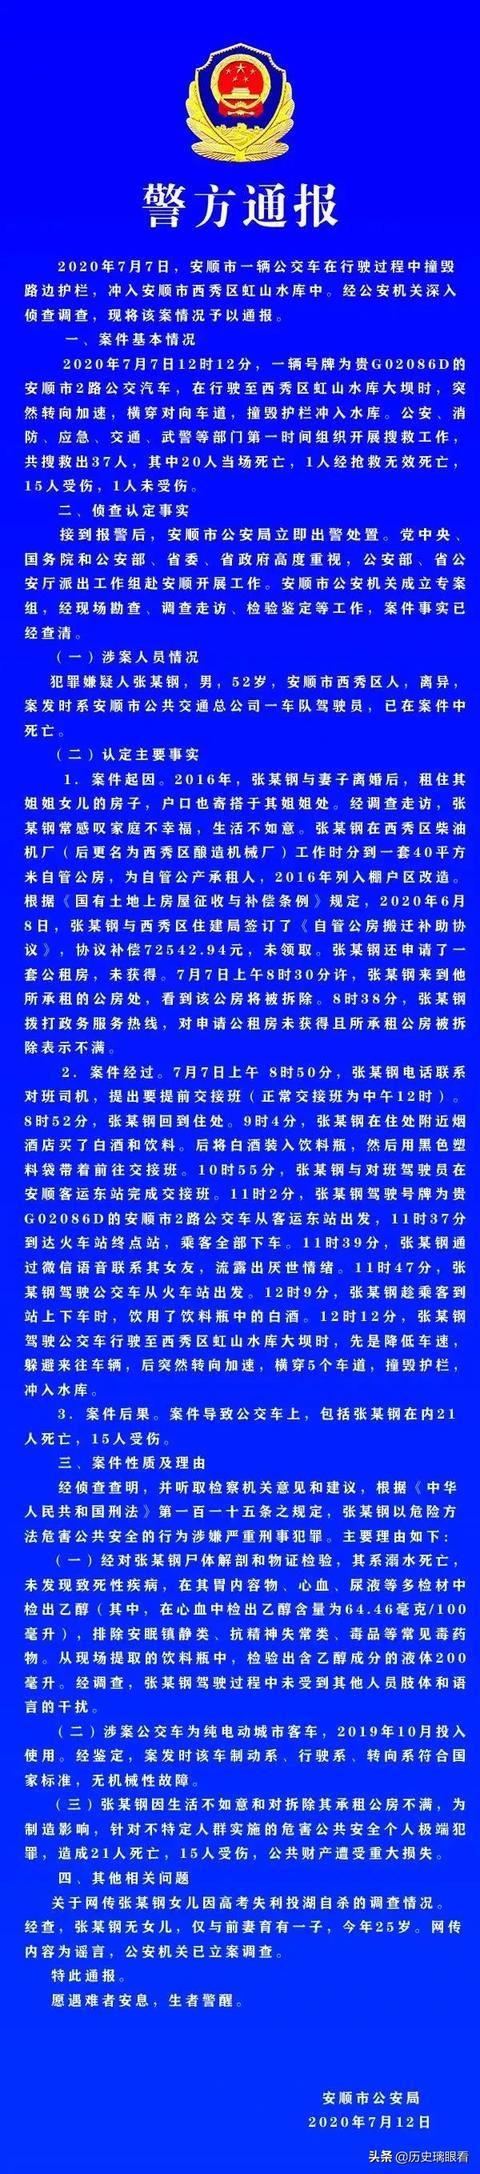 #贵州公交坠湖系司机报复社会# 盘点一下那些因为司机对社会的仇恨制造的悲剧。  2016年,台湾一辆载着辽宁旅游团的大巴车起火,车上的24名大陆游客全部遇难。大巴车司机因为种种因素报复社会,醉酒后泼洒